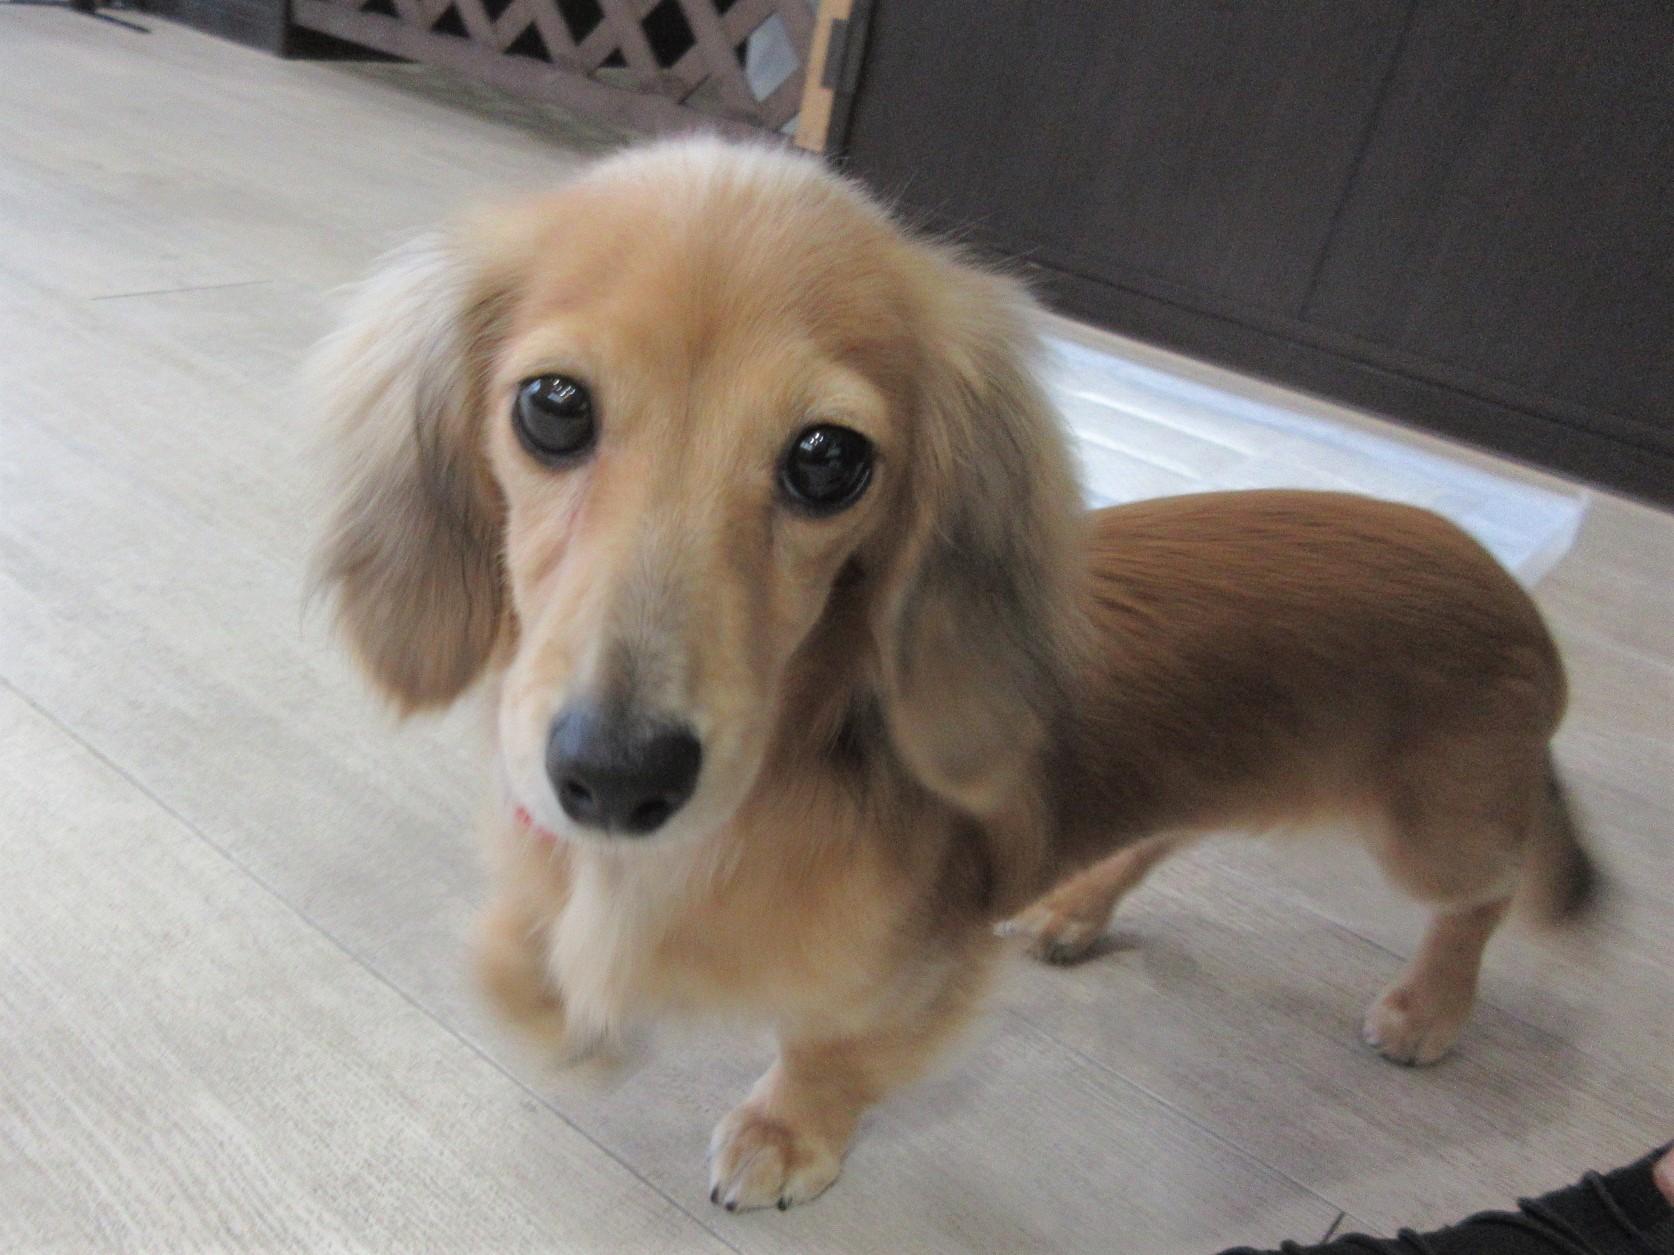 ことちゃん・犬の保育園Baby・犬・犬のしつけ・犬の社会化